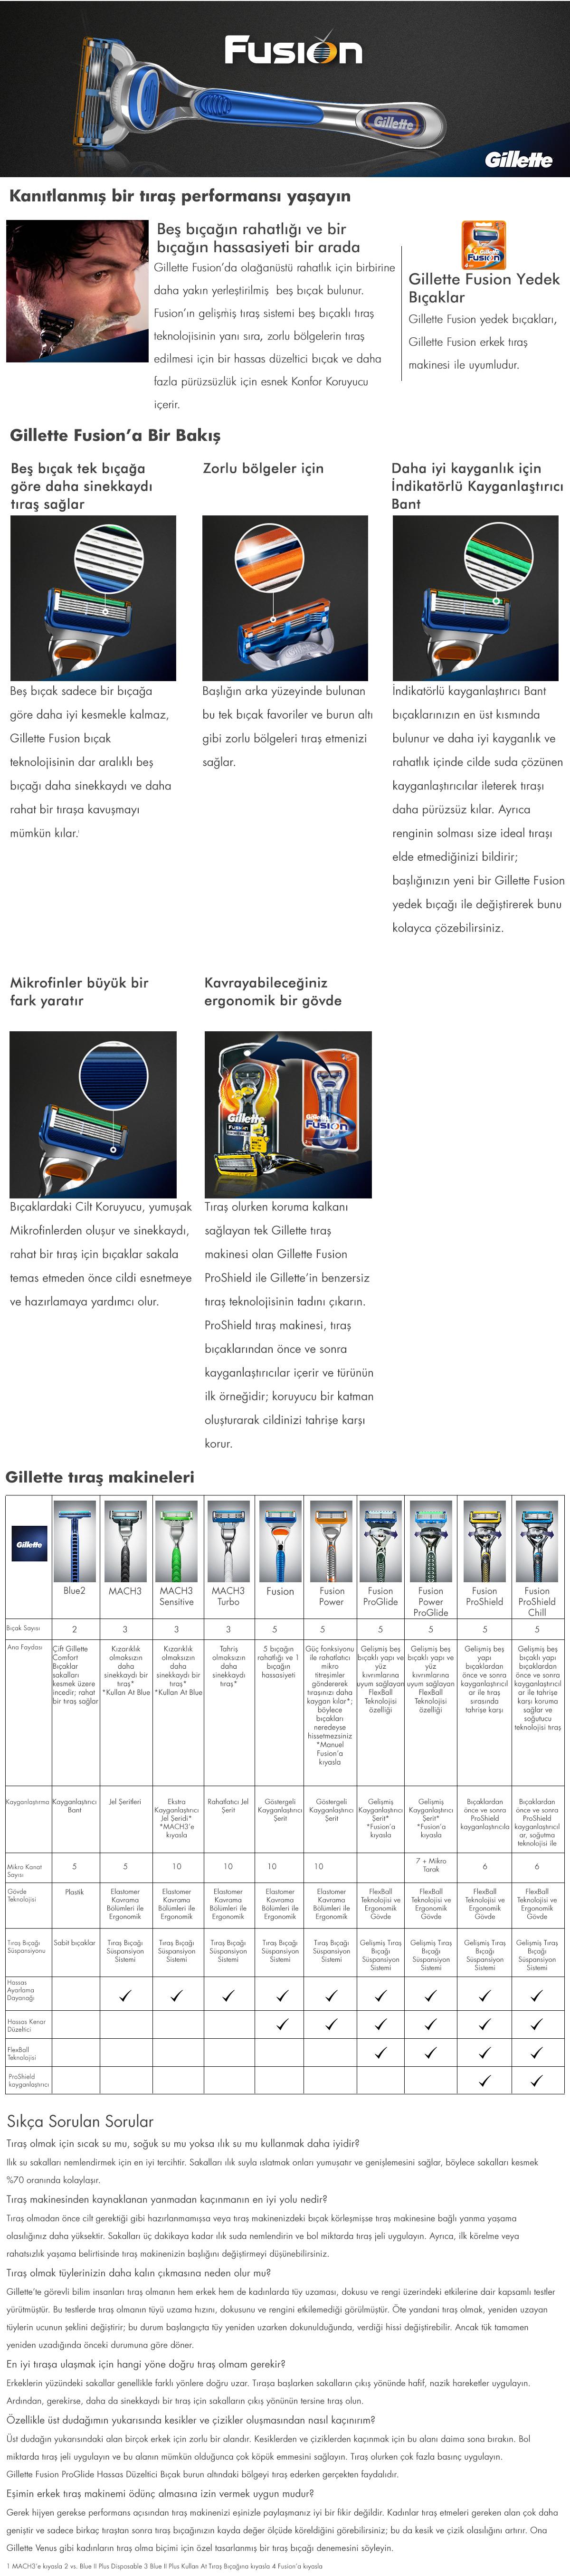 Gillette Fusion 4lü yedek açıklama.jp